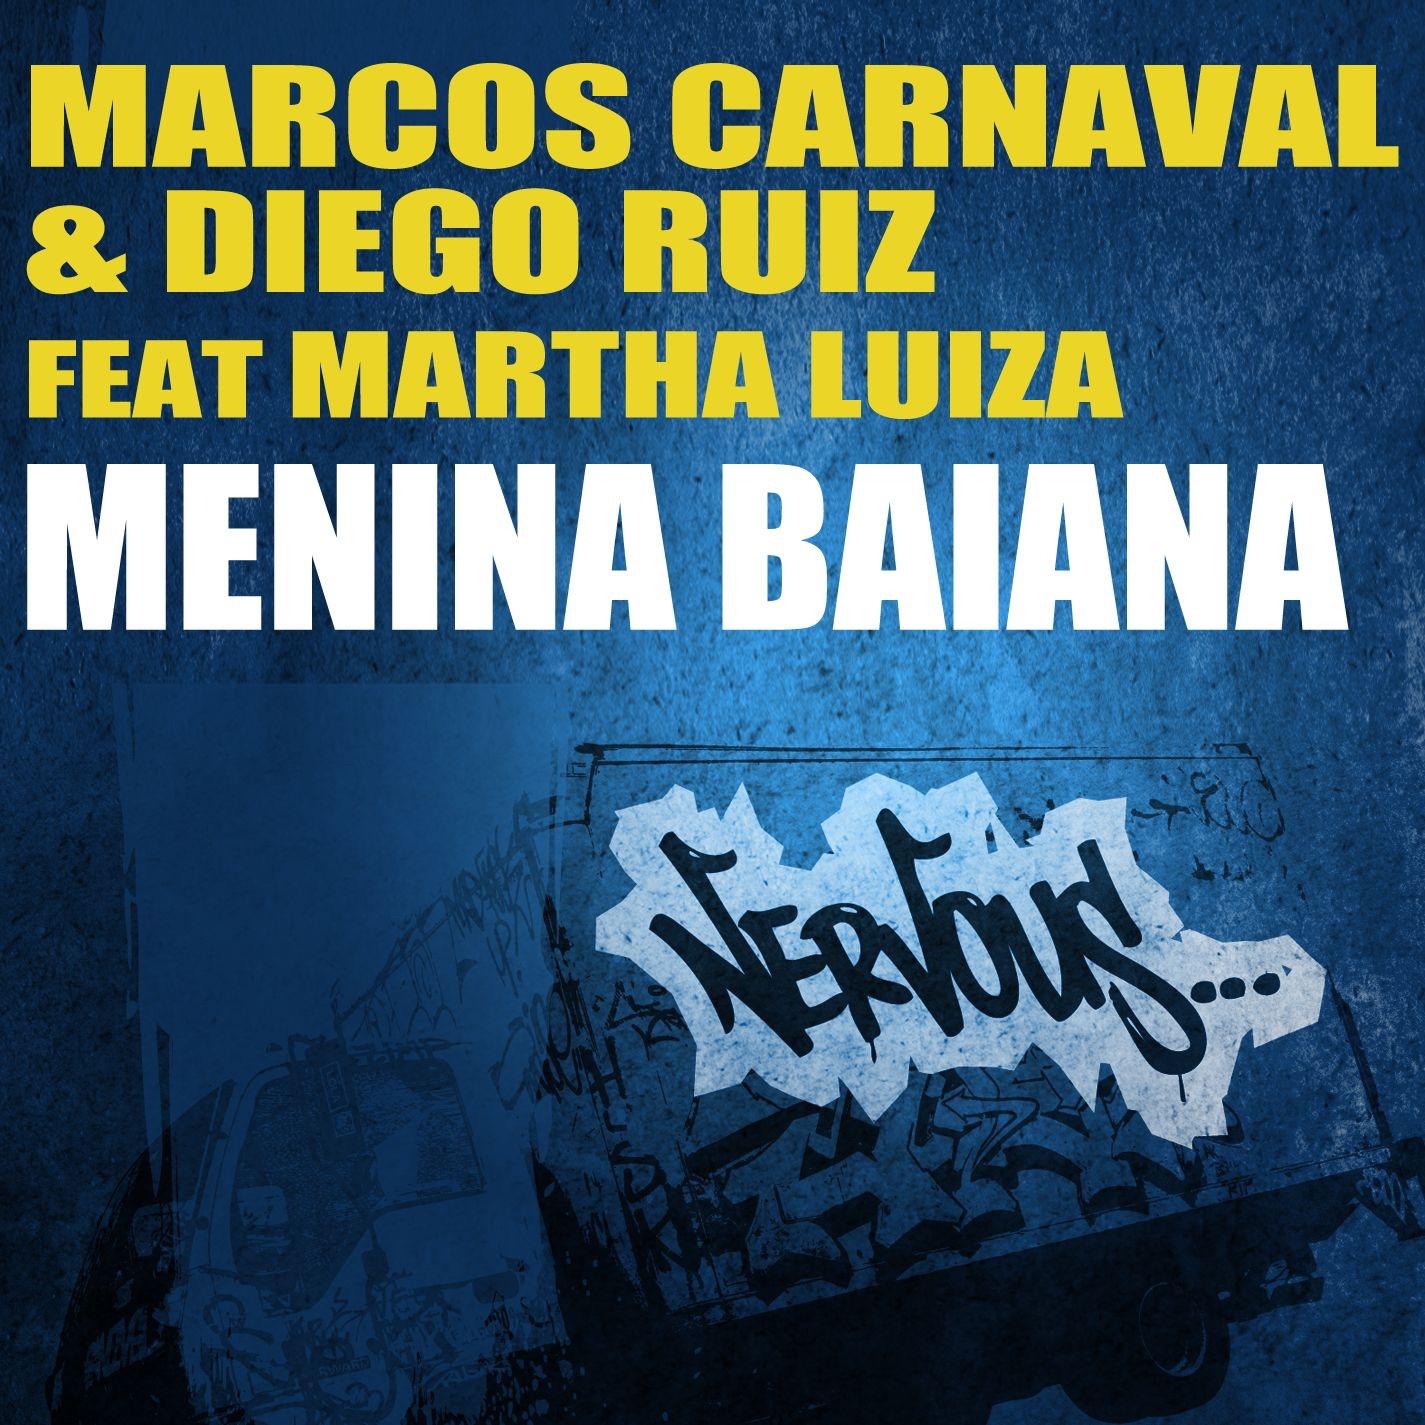 Menina Baiana (Carlo Astuti Remix)